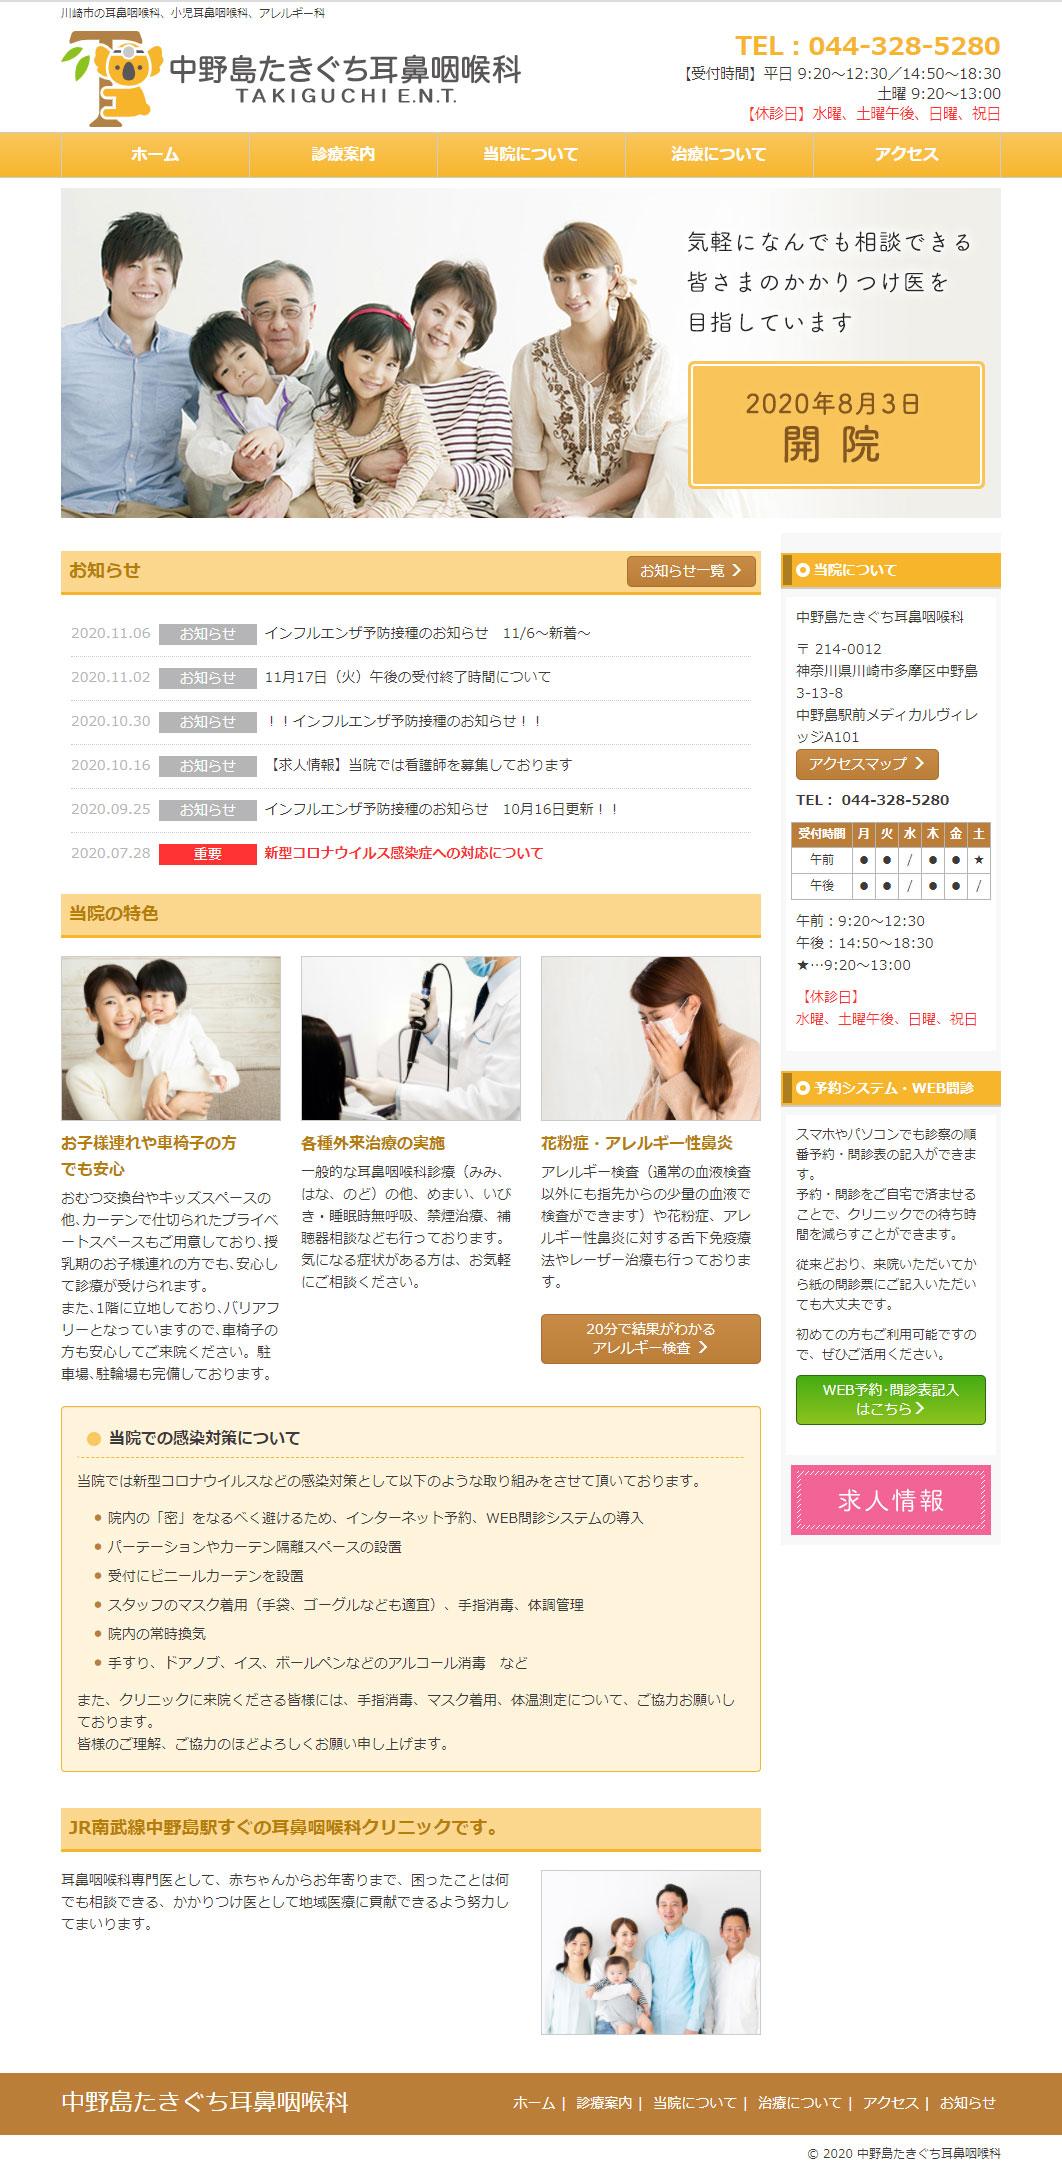 中野島たきぐち耳鼻咽喉科